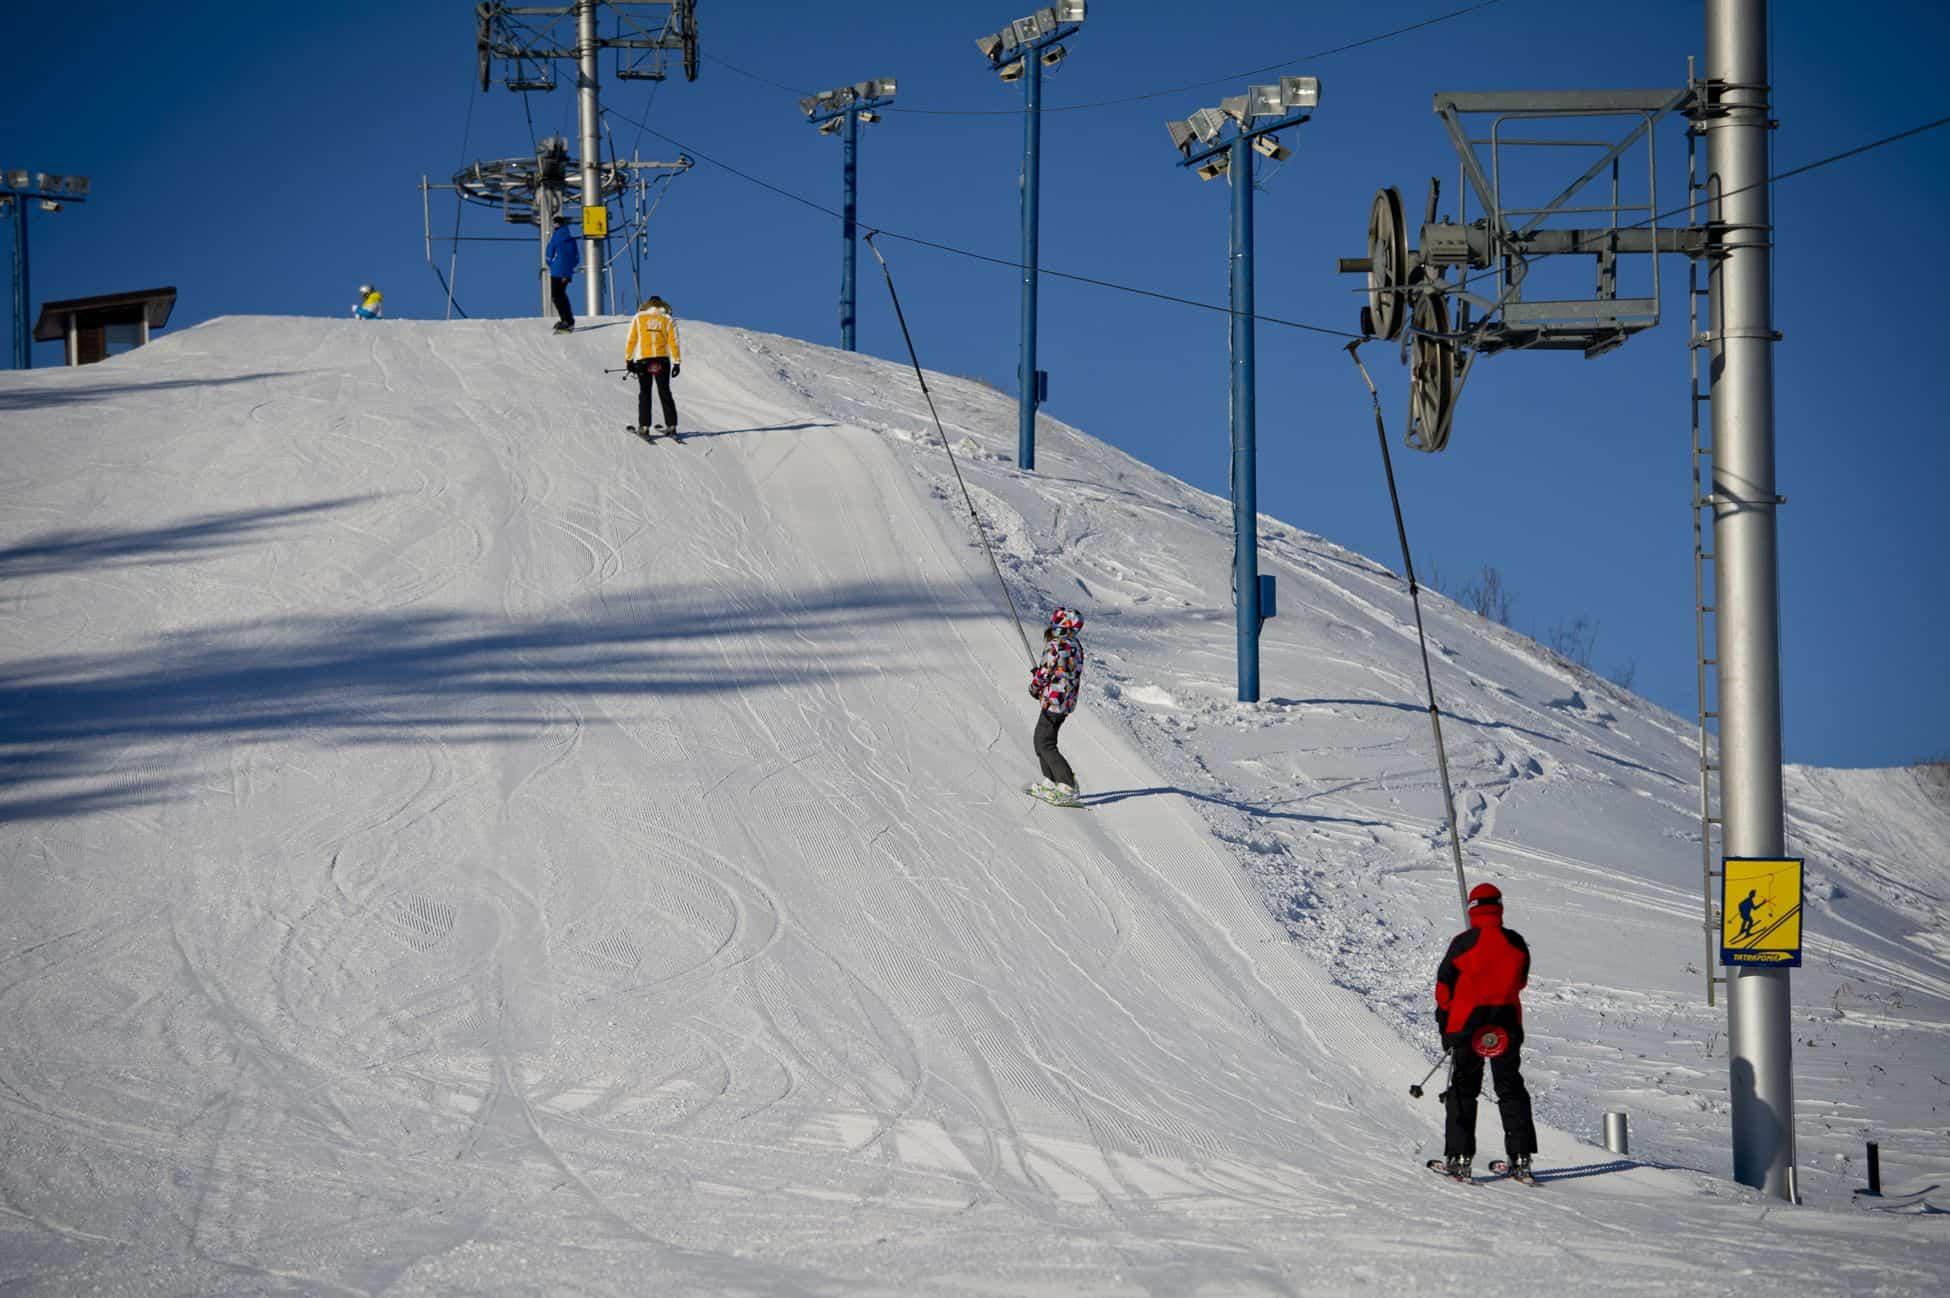 Новые горнолыжные склоны в Москве Новые горнолыжные склоны в Москве 5 13